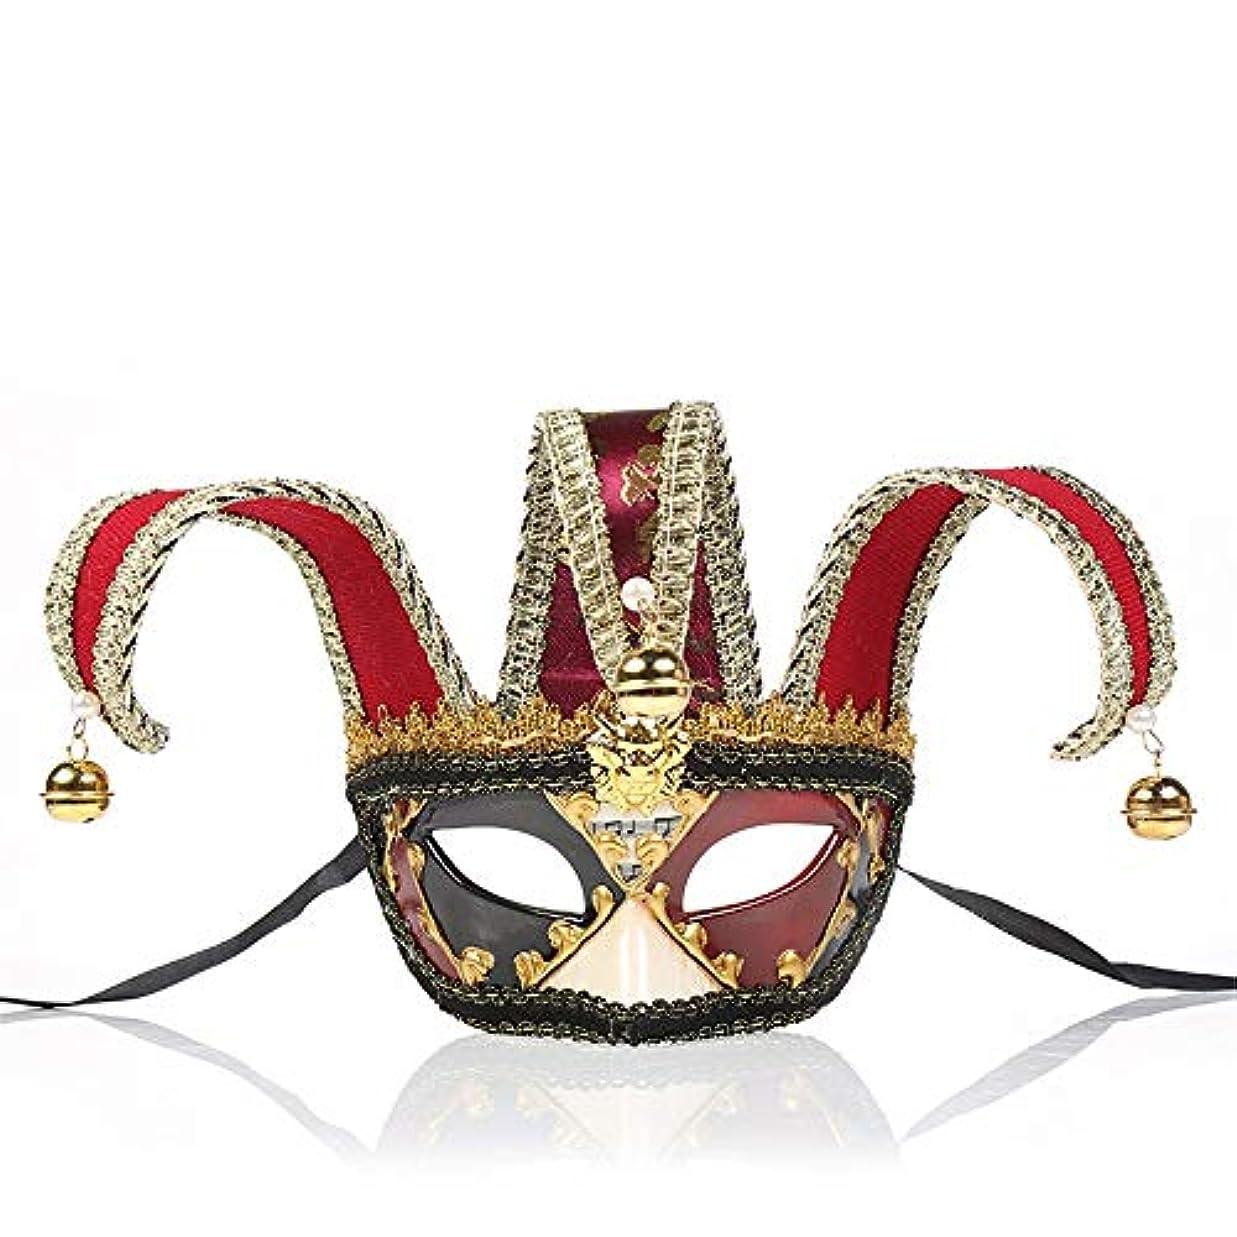 スペクトラム技術者ベルダンスマスク 若者の少女ハロウィーンギフトレトロマスクホット販売マスカレードロールプレイング装飾 パーティーマスク (色 : 赤, サイズ : 28x16.5cm)